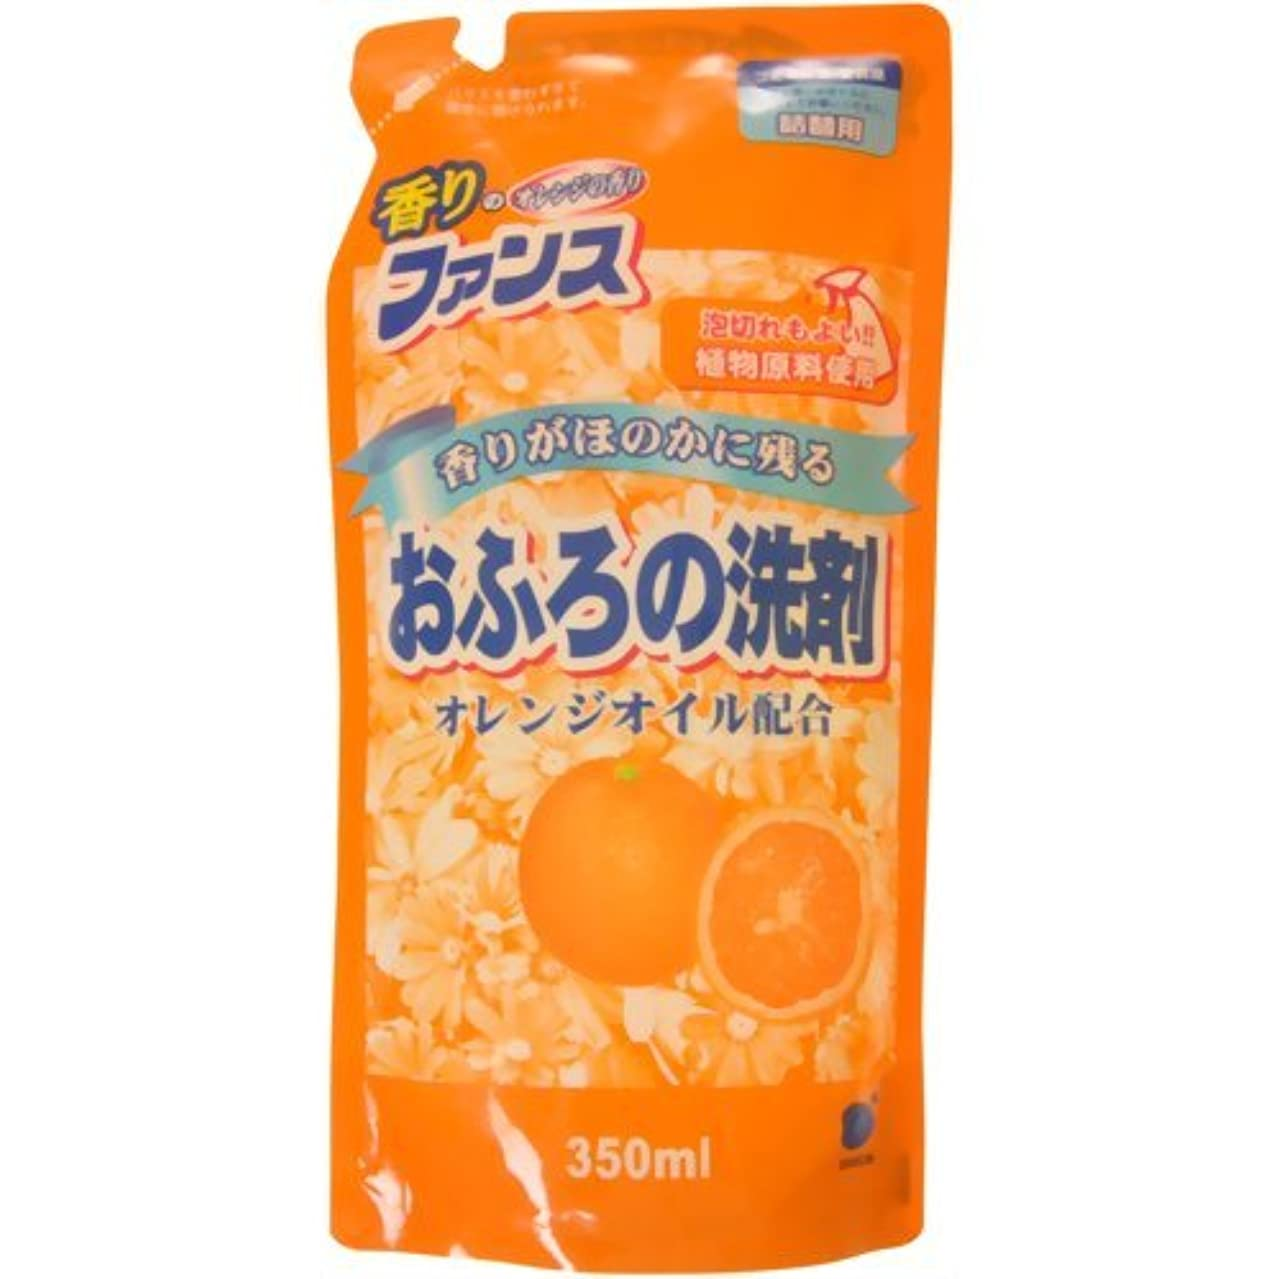 間に合わせ送るフォーク香りのファンス おふろの洗剤 オレンジ つめかえ用 350ml